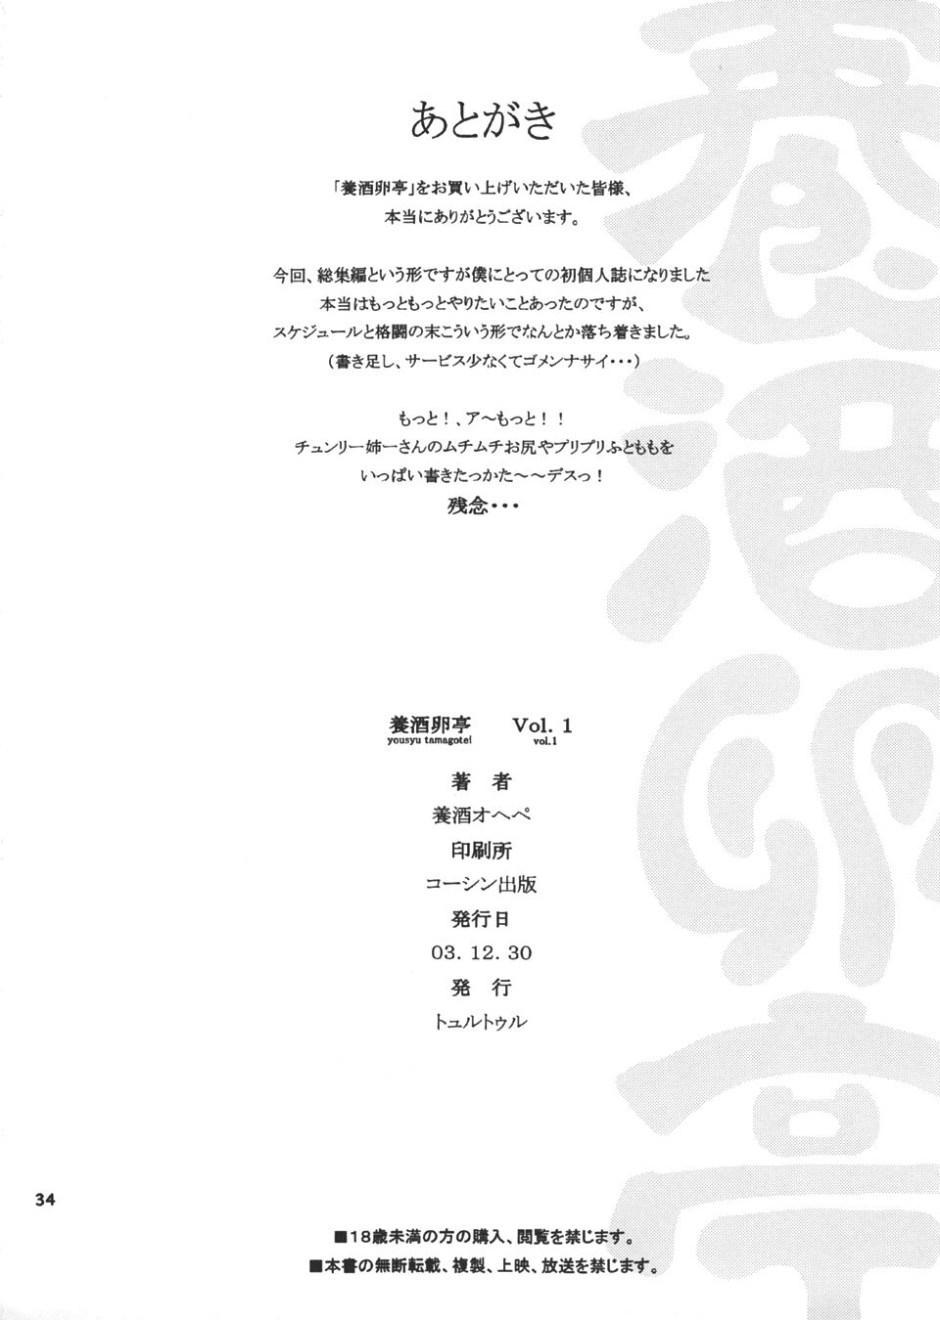 Youshu Tamago Tei Vol. 1 32